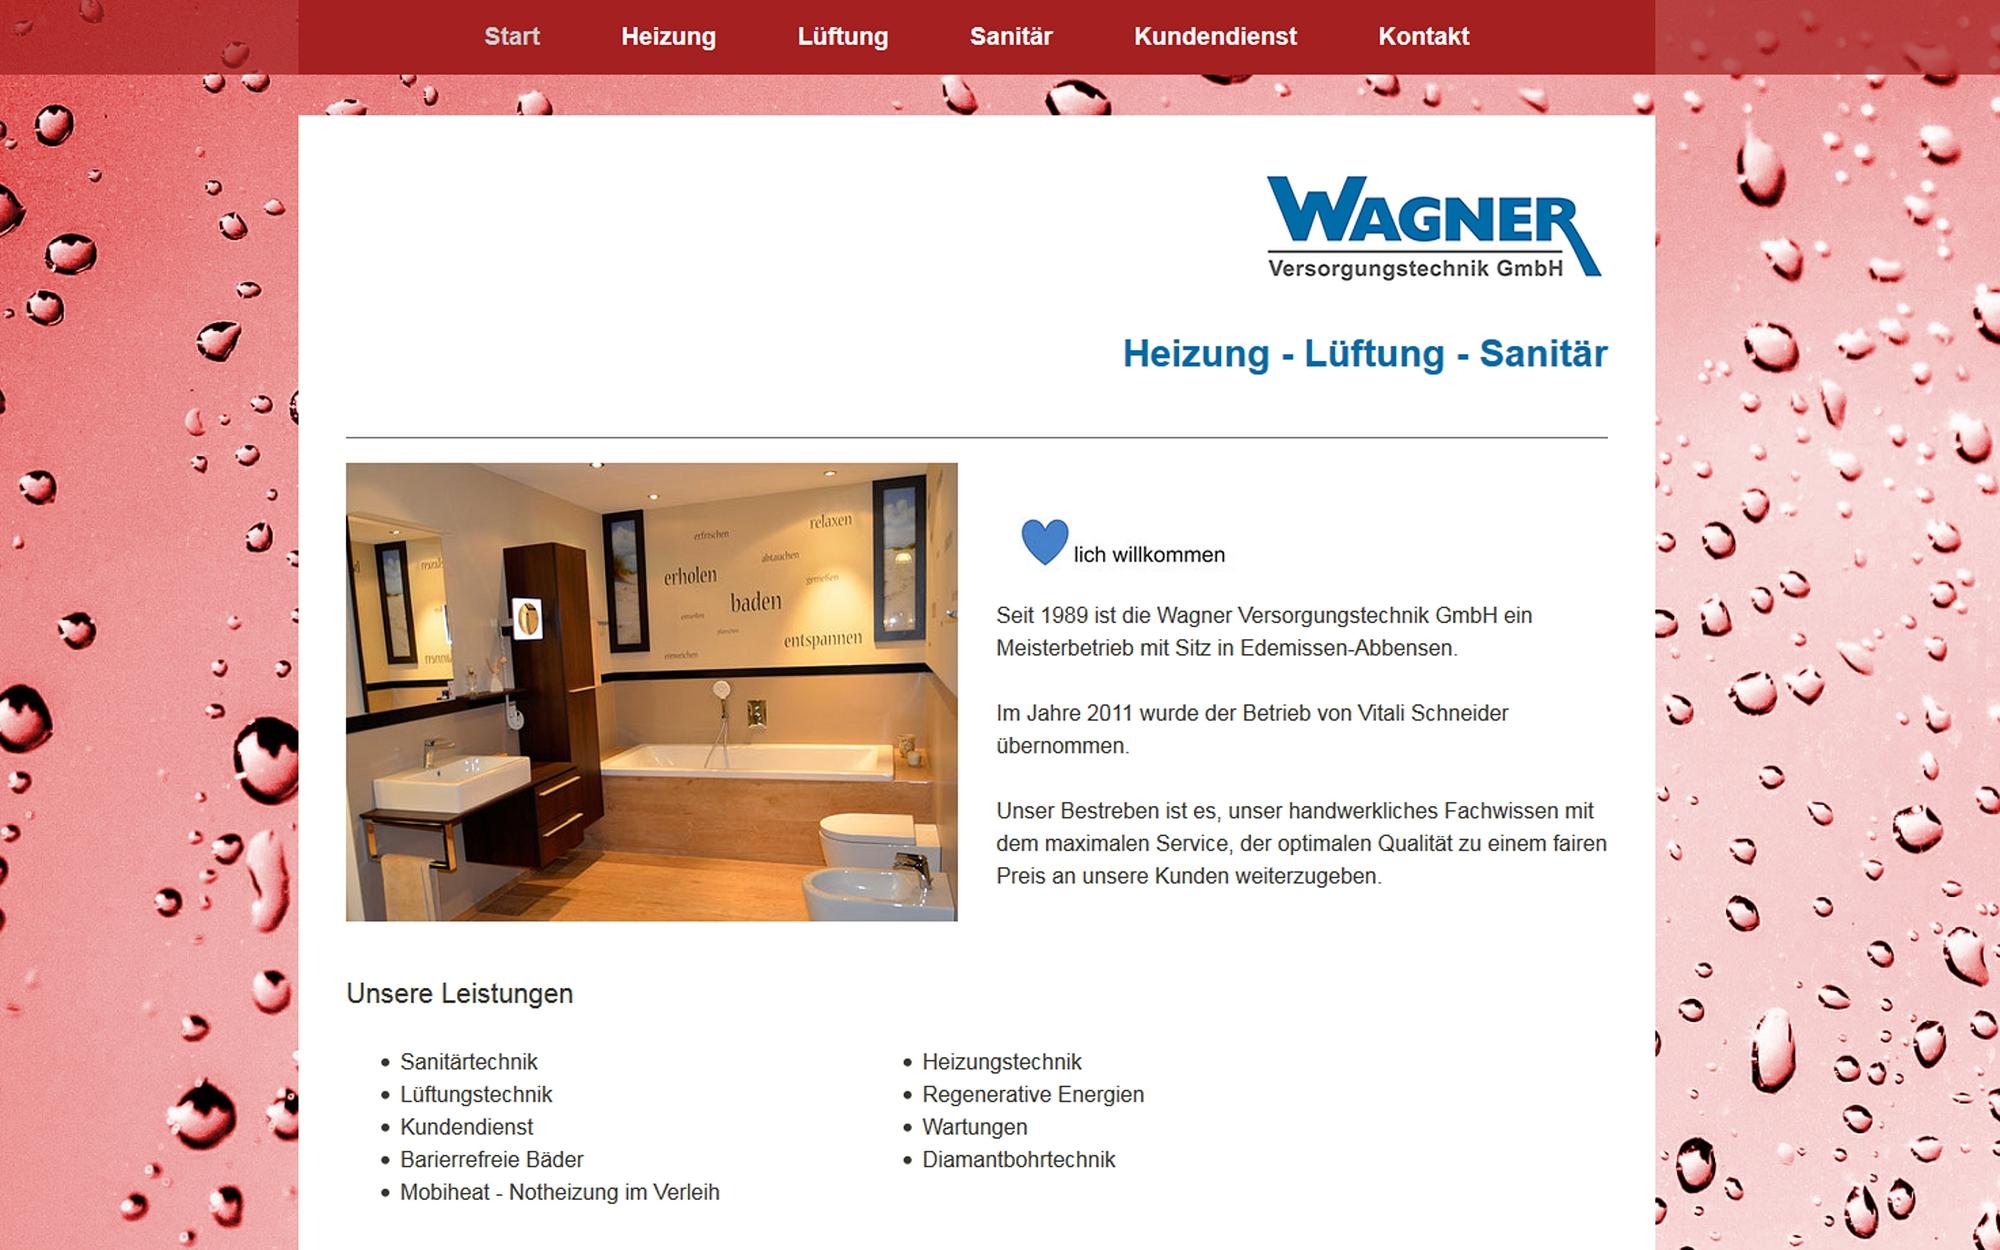 Wagner Versorgungstechnik GmbH